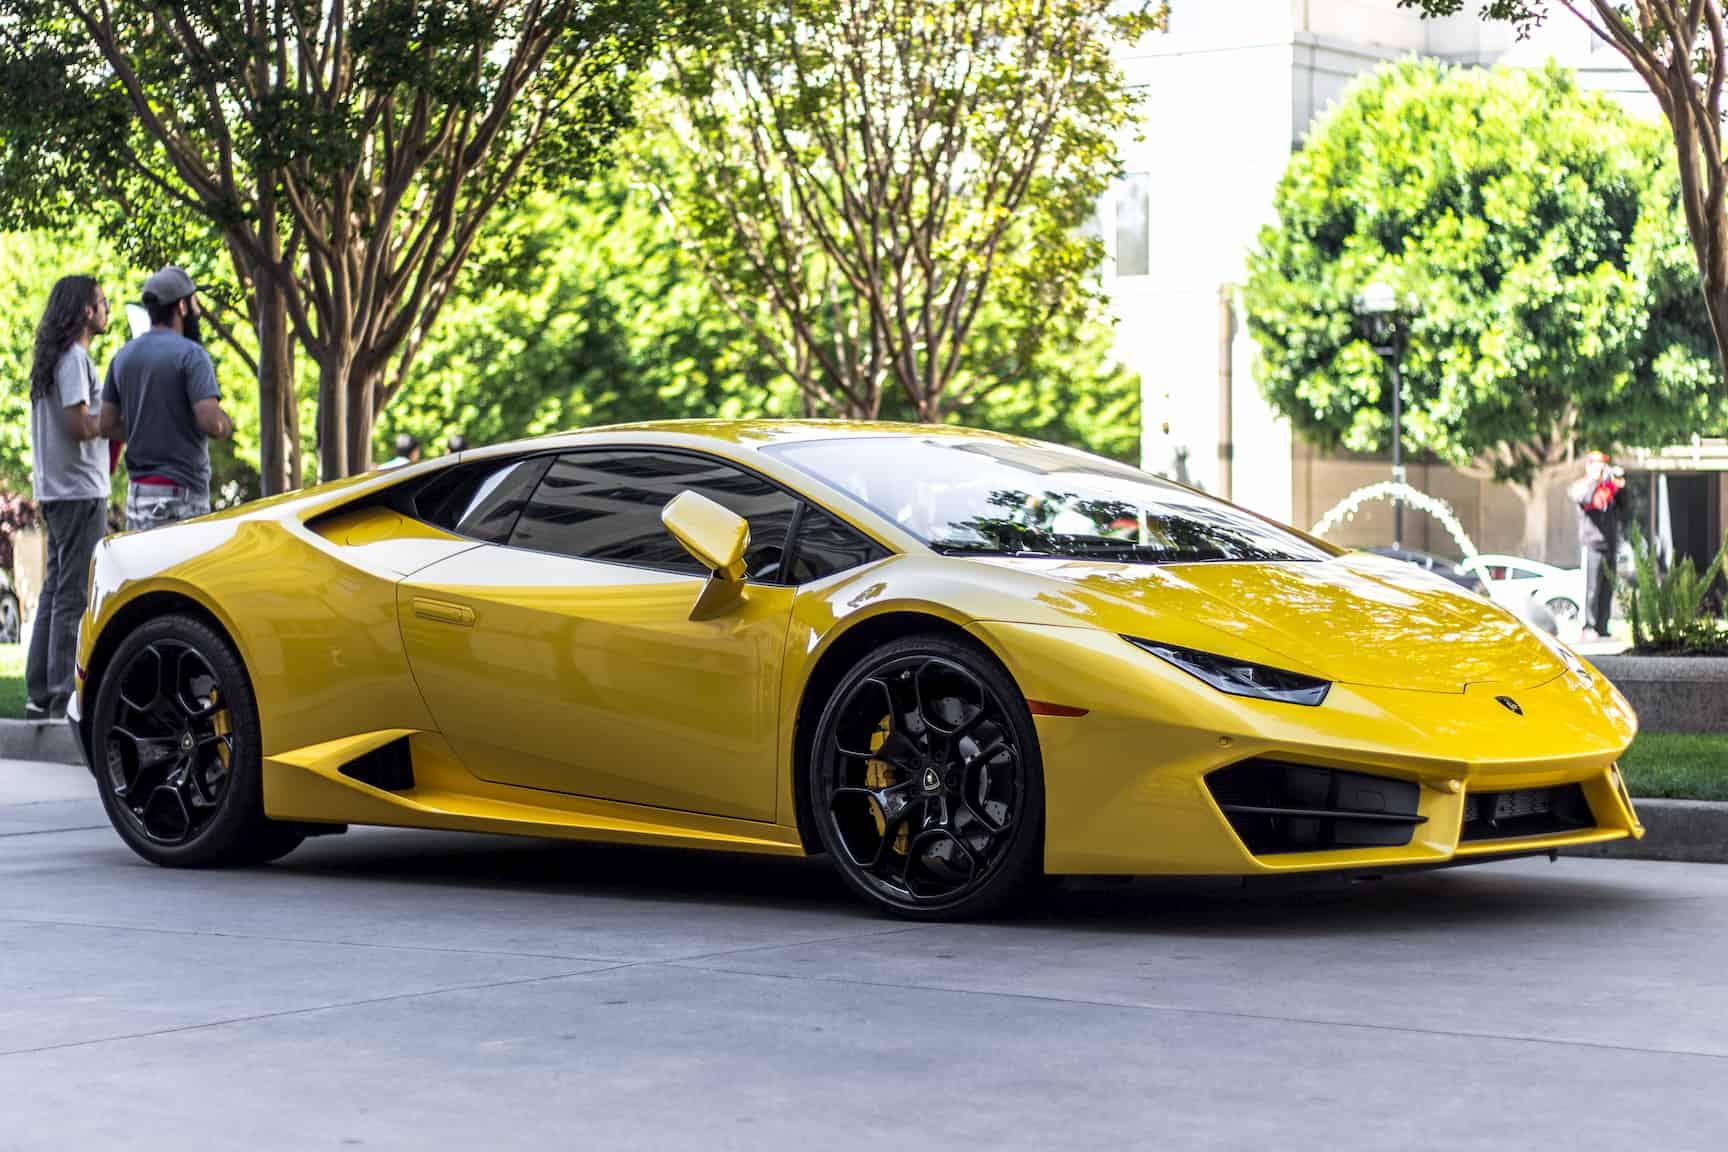 Lamborghini marketing customer experiences